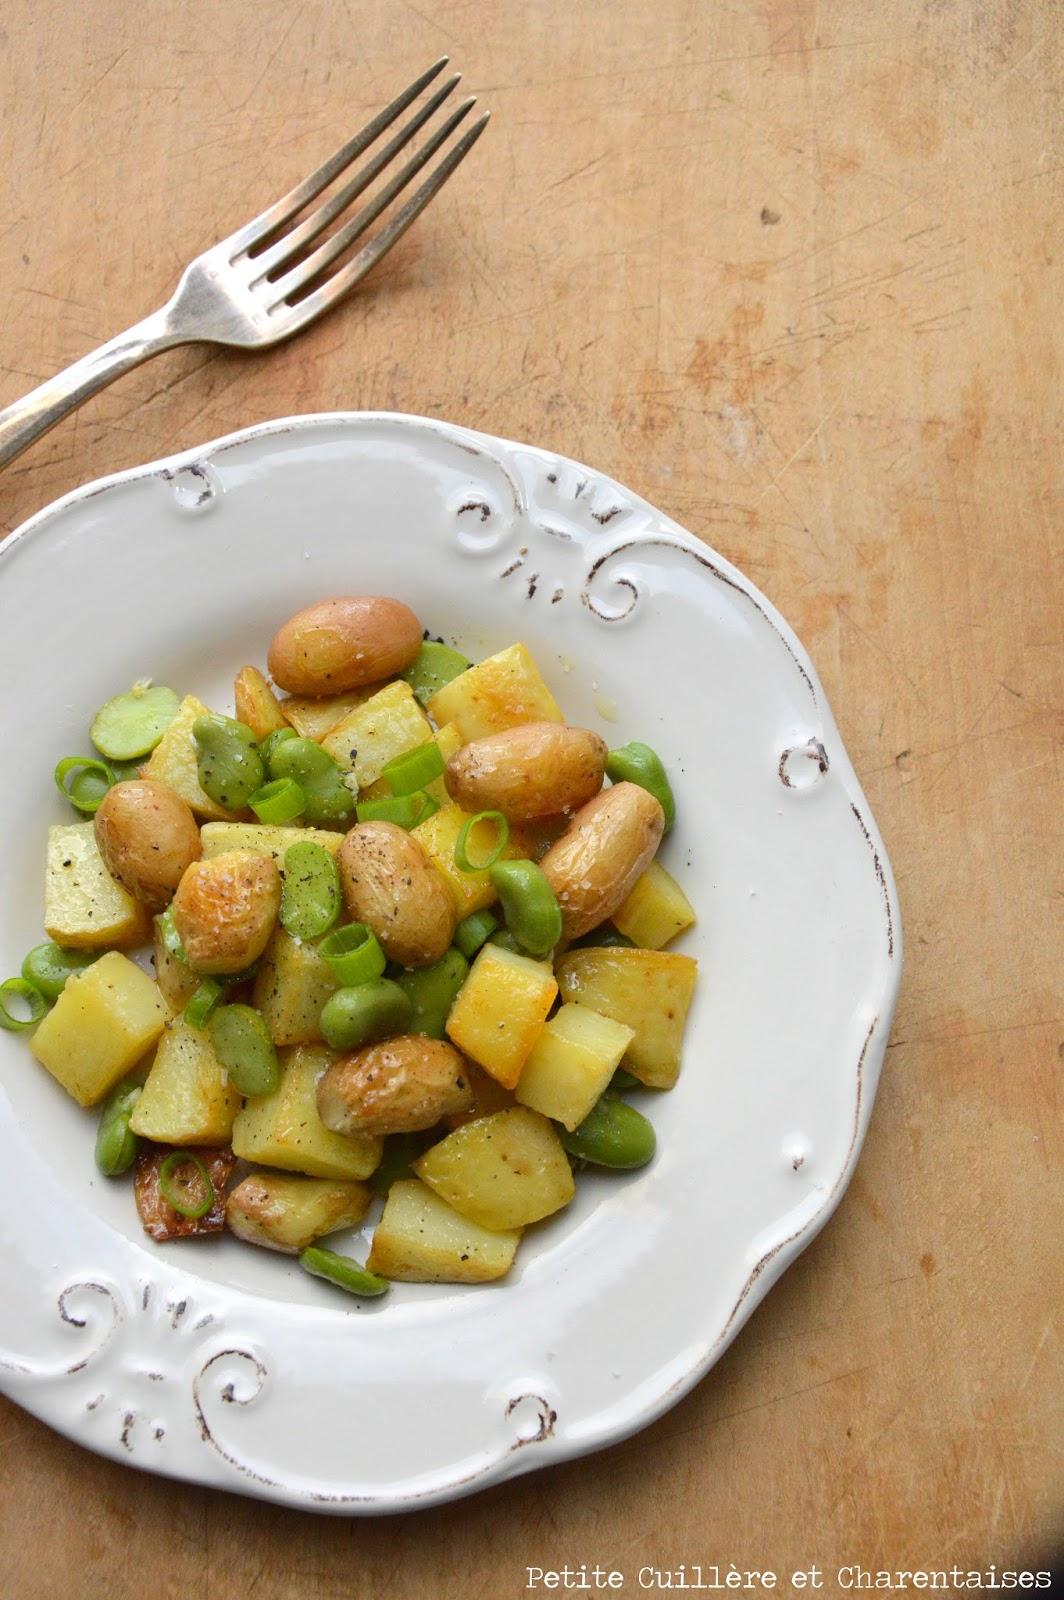 petite cuill re et charentaises salade de pommes de terres nouvelles aux f ves. Black Bedroom Furniture Sets. Home Design Ideas